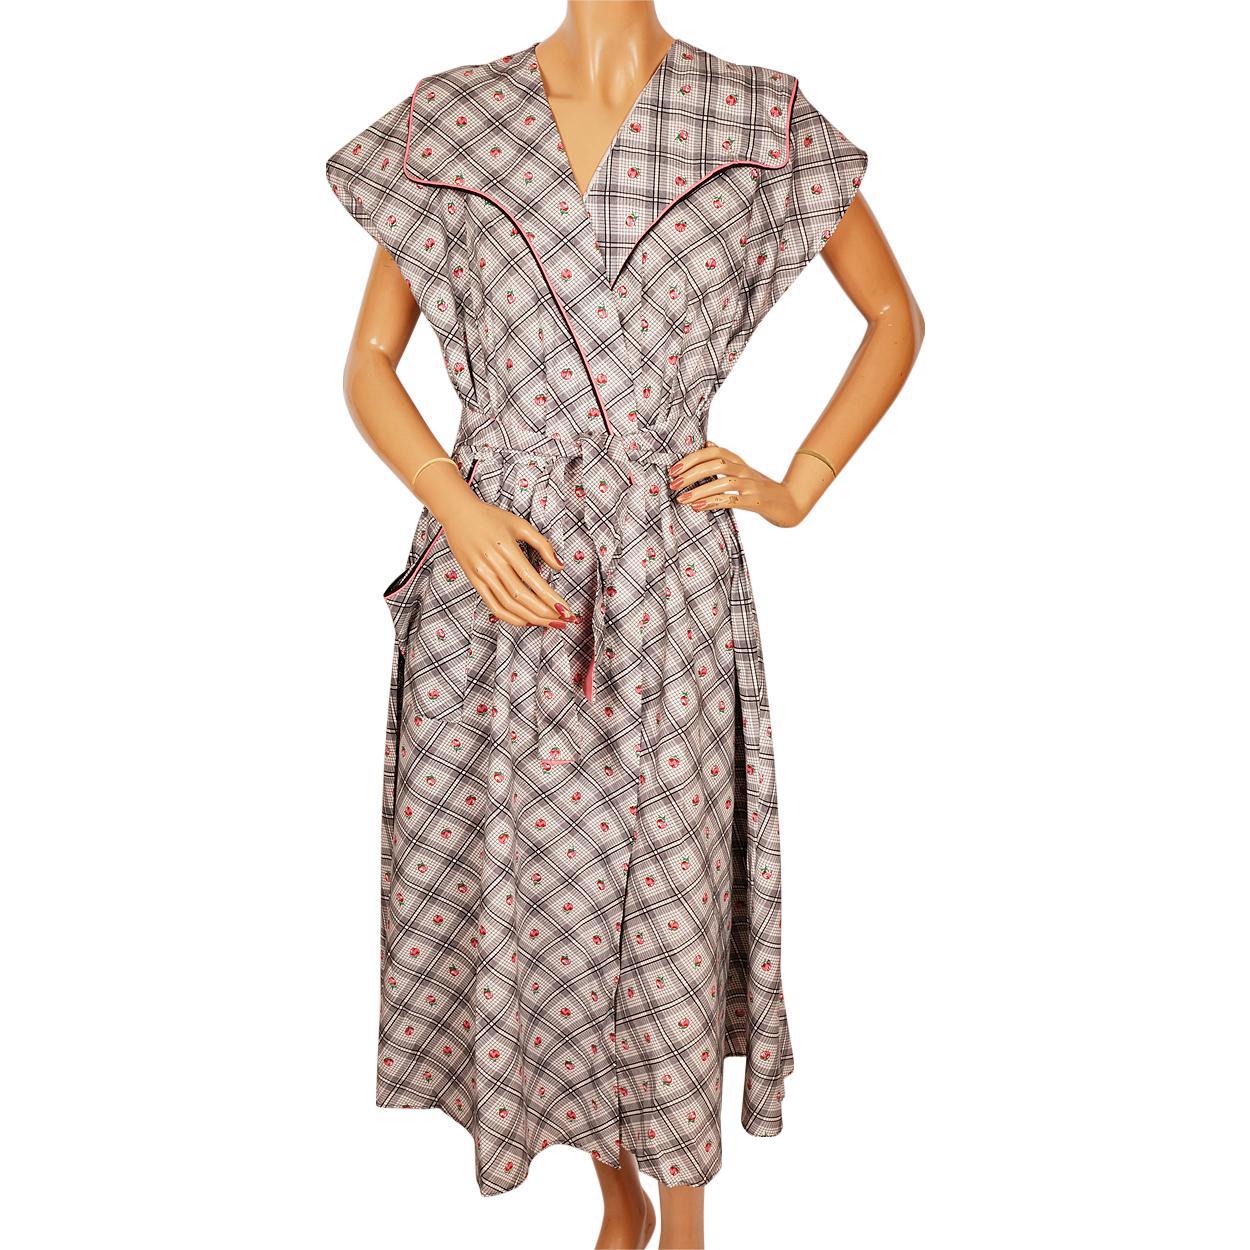 House Dresses For Older Women